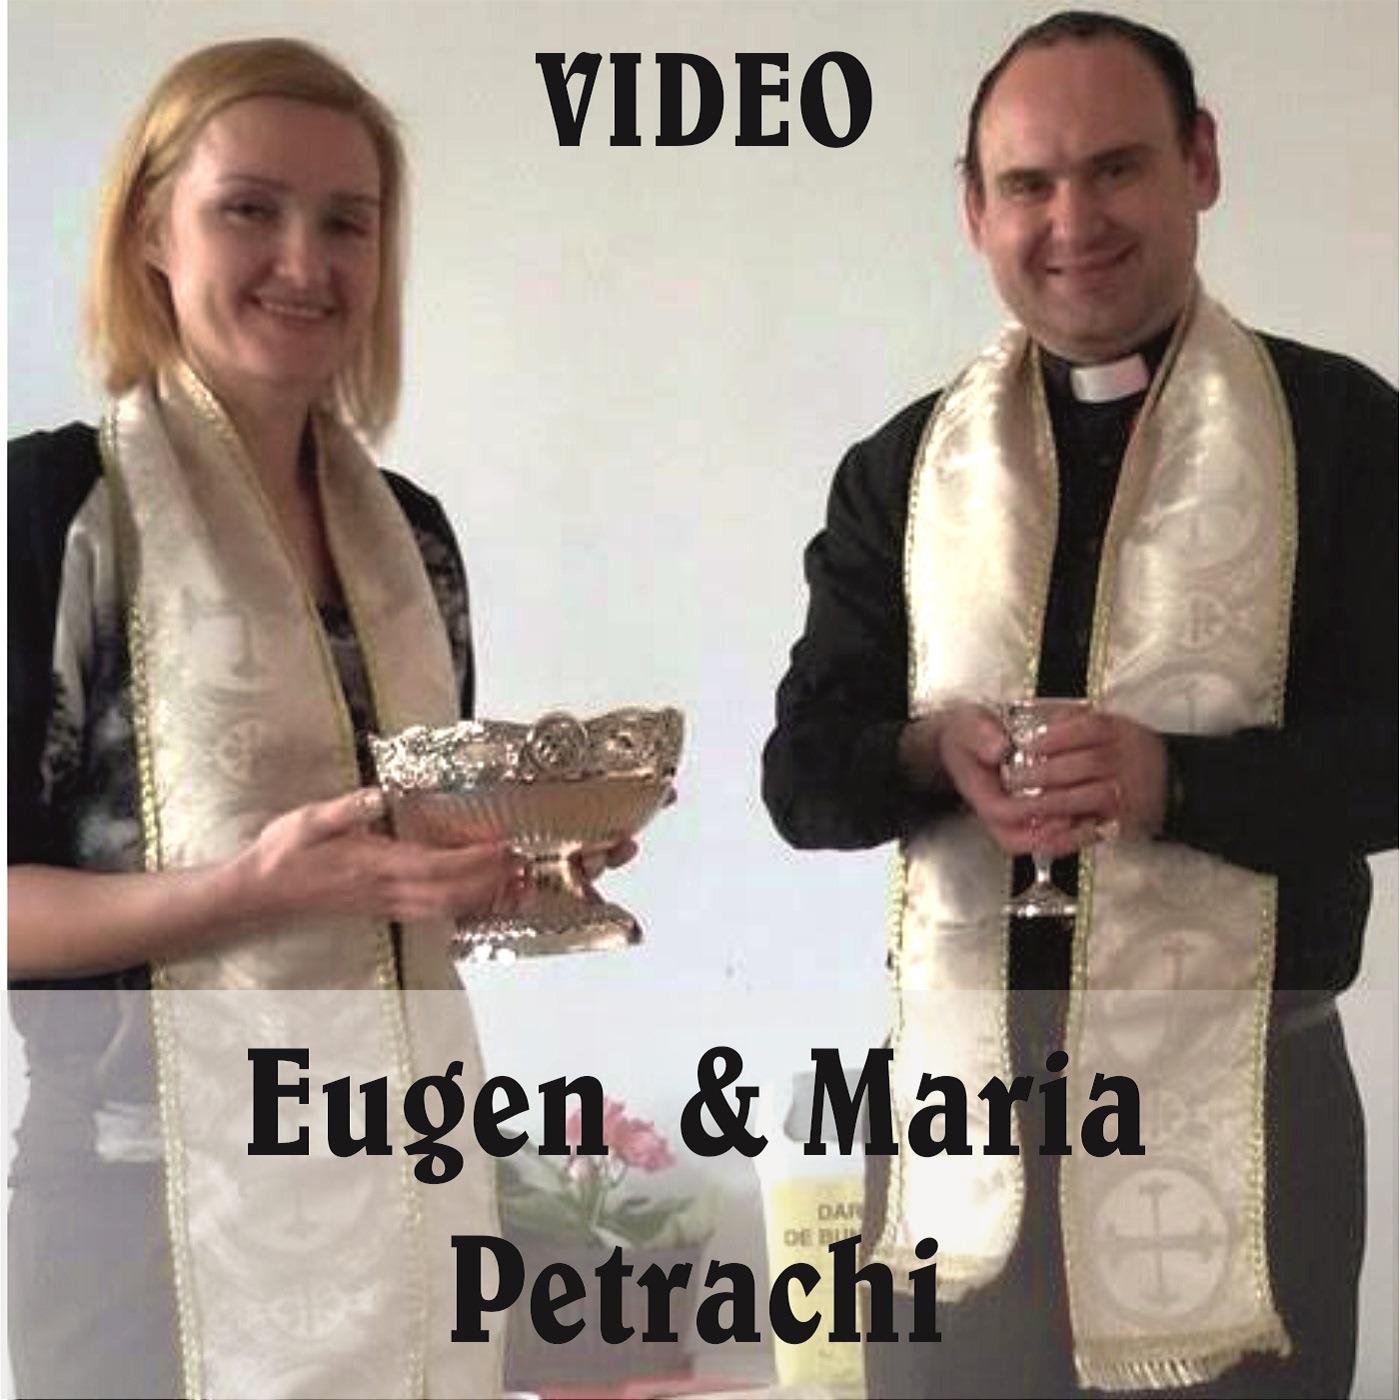 Eugen & Maria Petrachi (VIDEO)